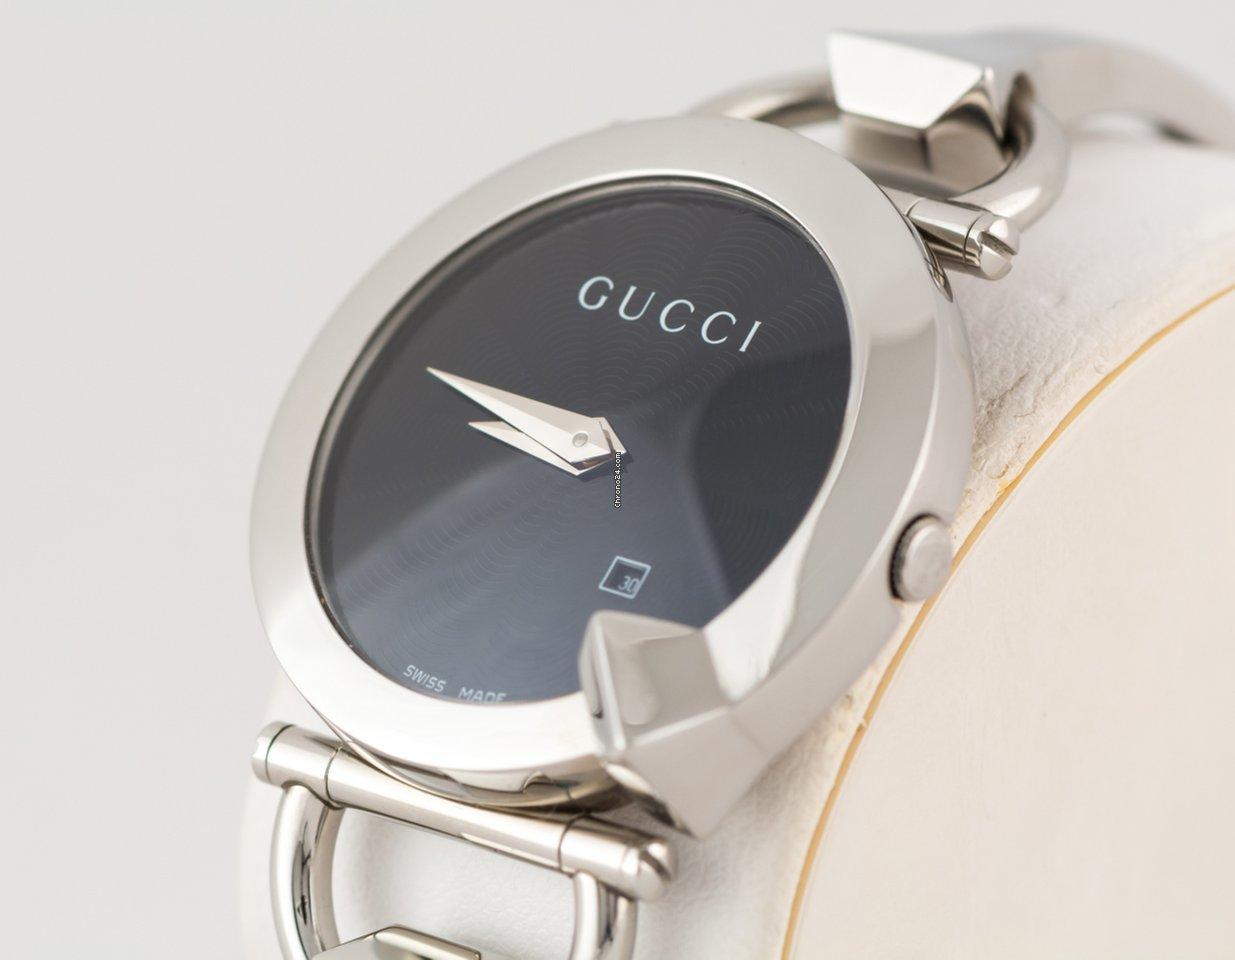 eea1ab8eb73dc1 Prix de montres Gucci femme   Acheter et comparer une montre de Gucci femme  sur Chrono24